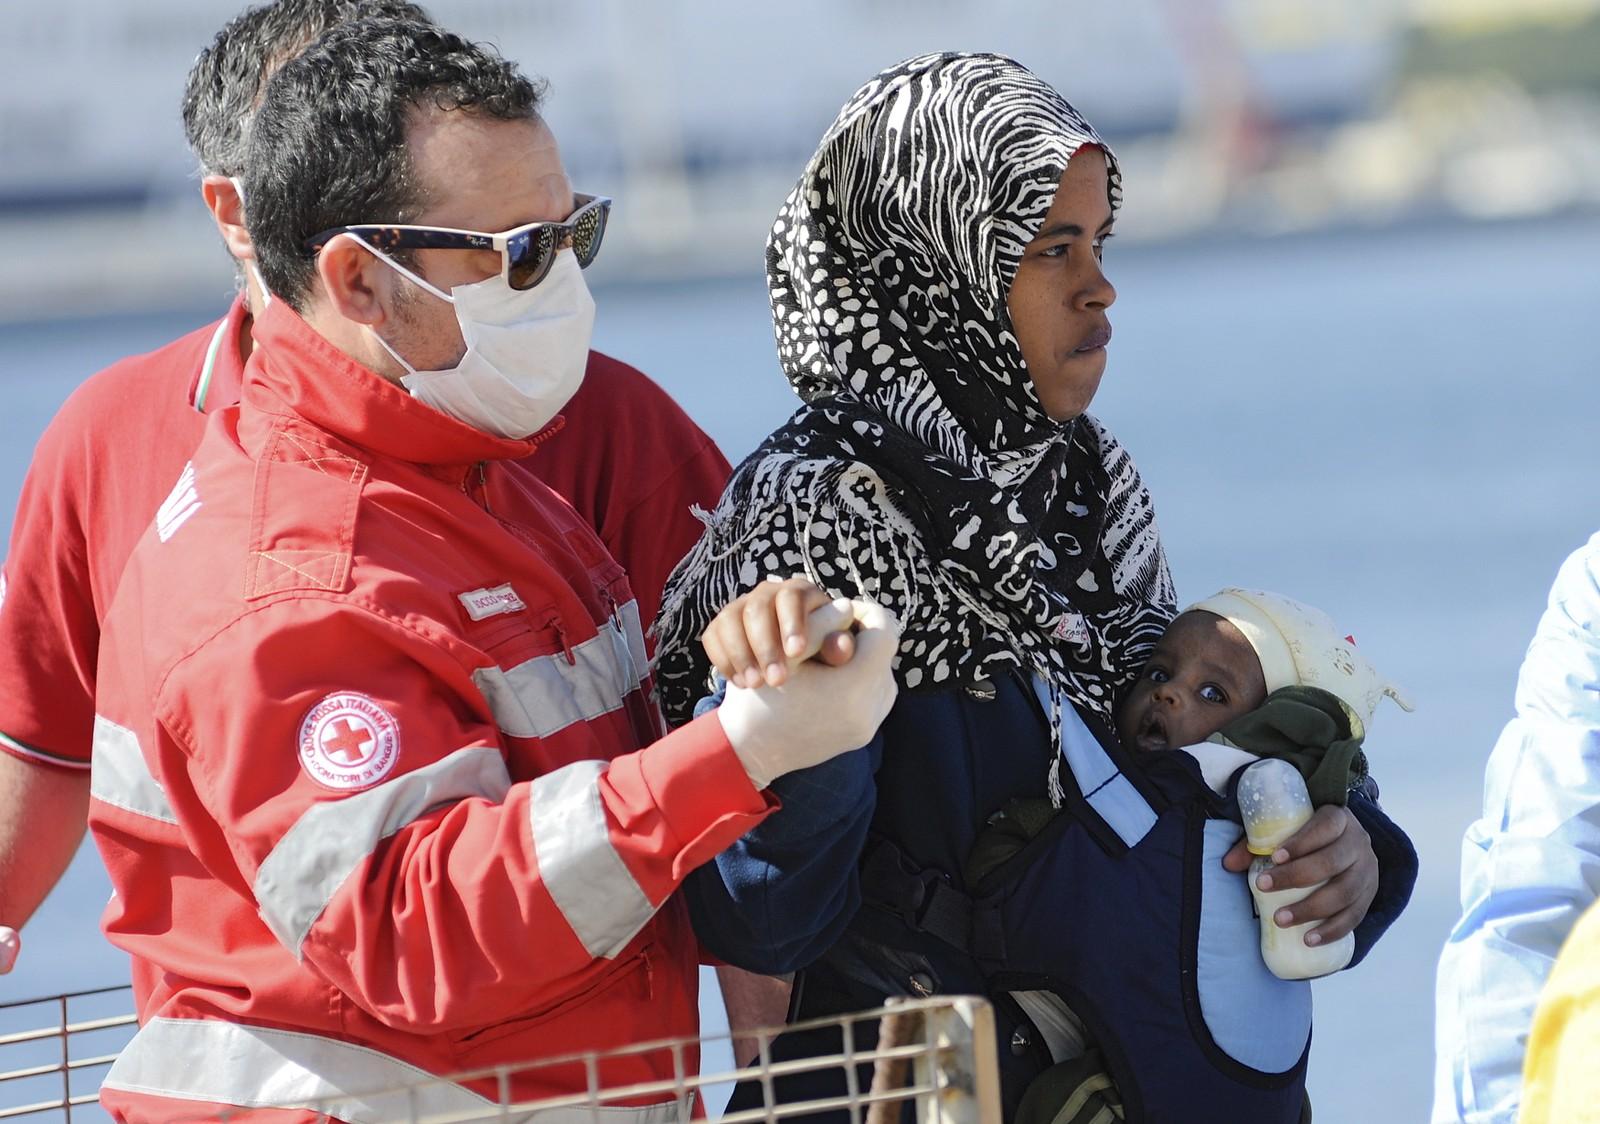 Kvinne med barn hjelpes i land i Palermo, Italia 18. april 2015.